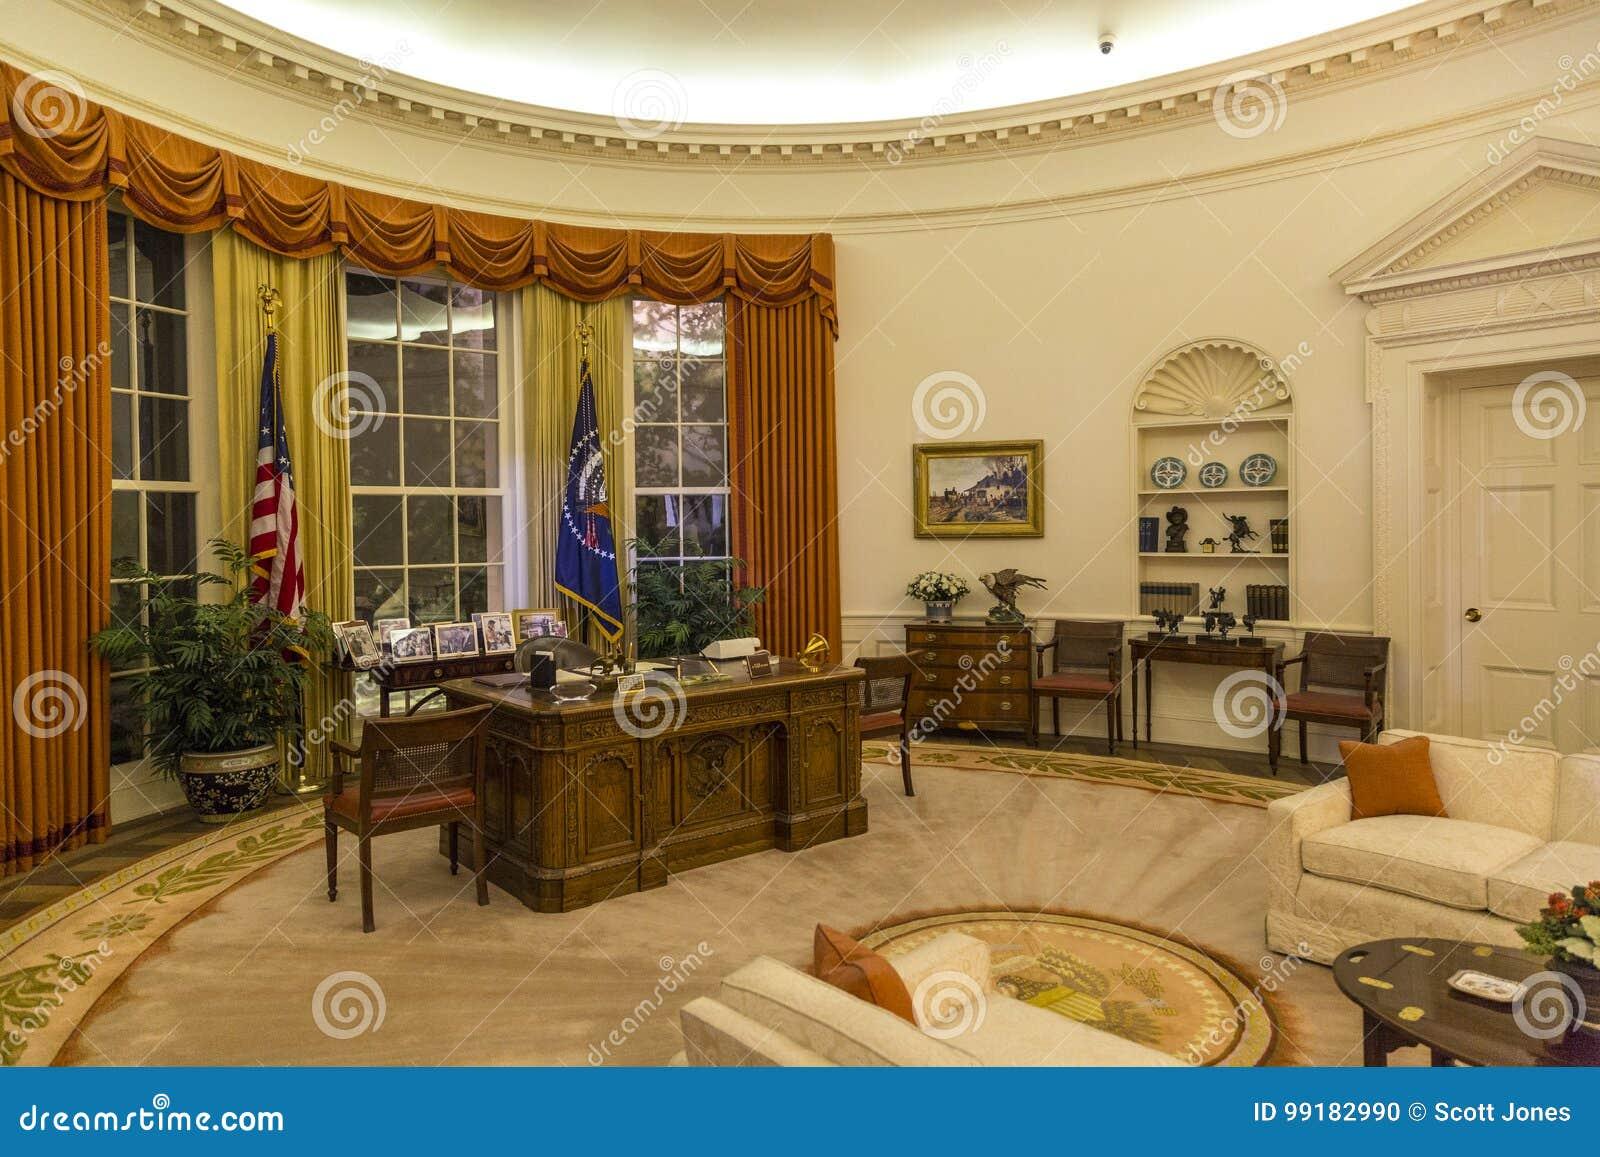 France monde dans le bureau ovale donald trump a un bouton